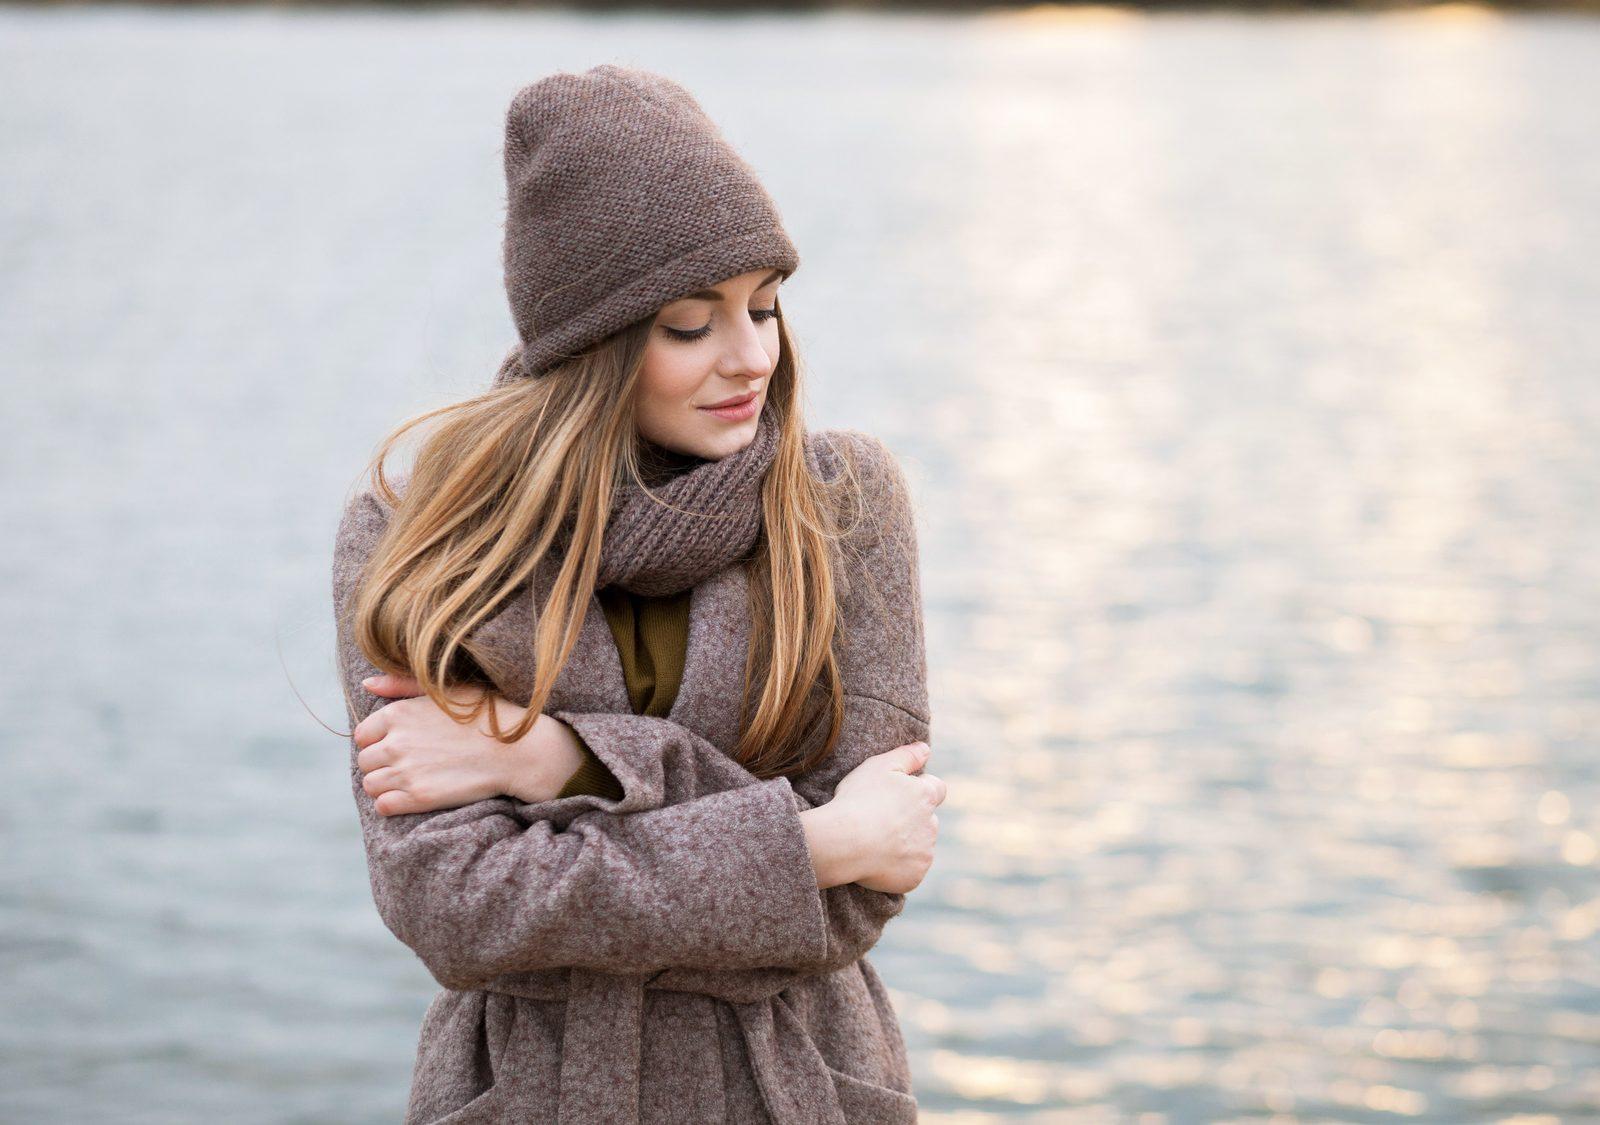 極寒の真冬も薄着でOK!モンベルのメリノウールインナーが暖かすぎる